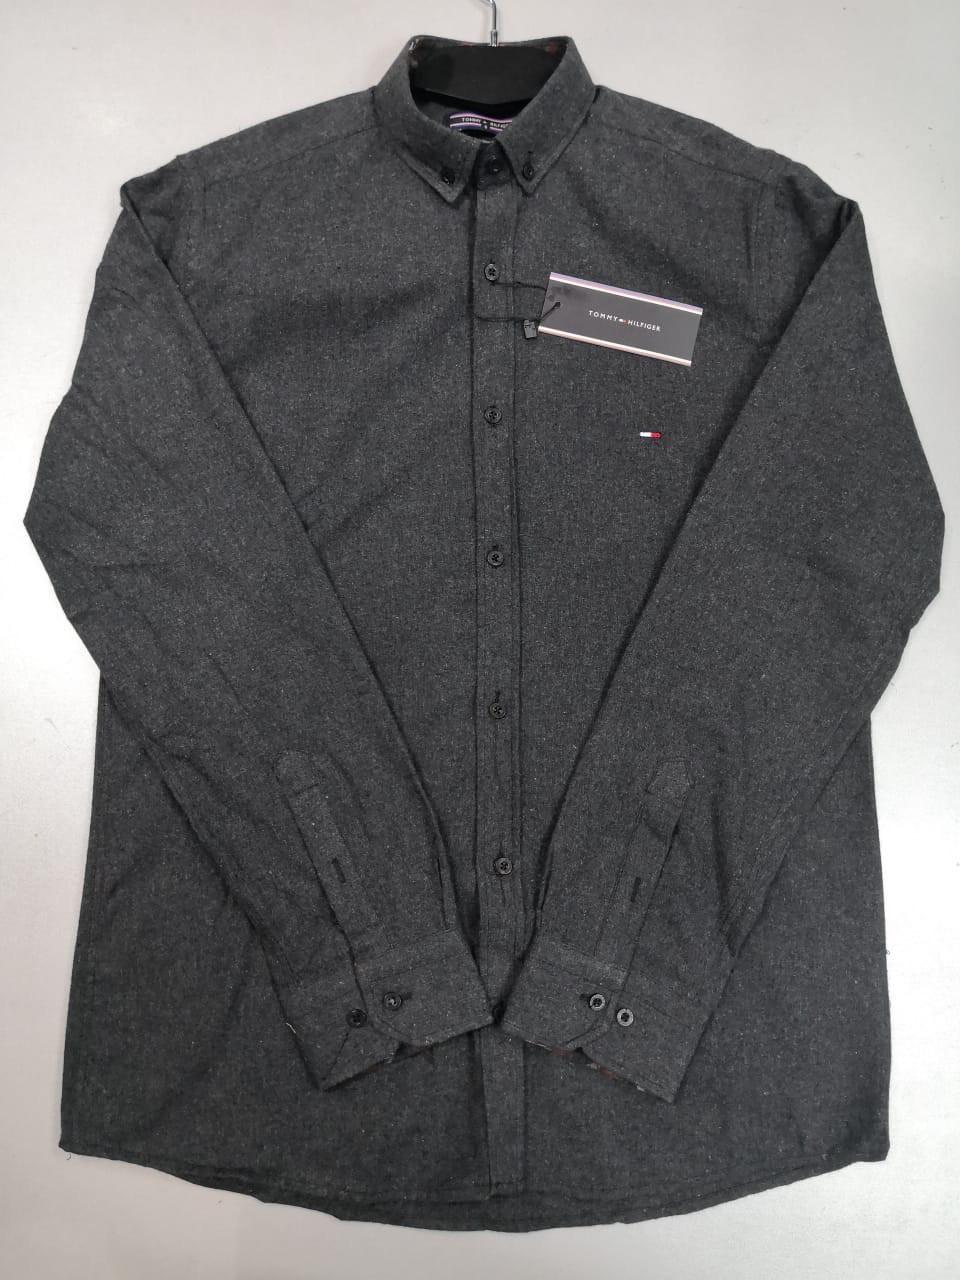 a2fd7577c829 Рубашка мужская Tommy Hilfiger D4431 темно-серая - купить по лучшей цене,  от компании из ...